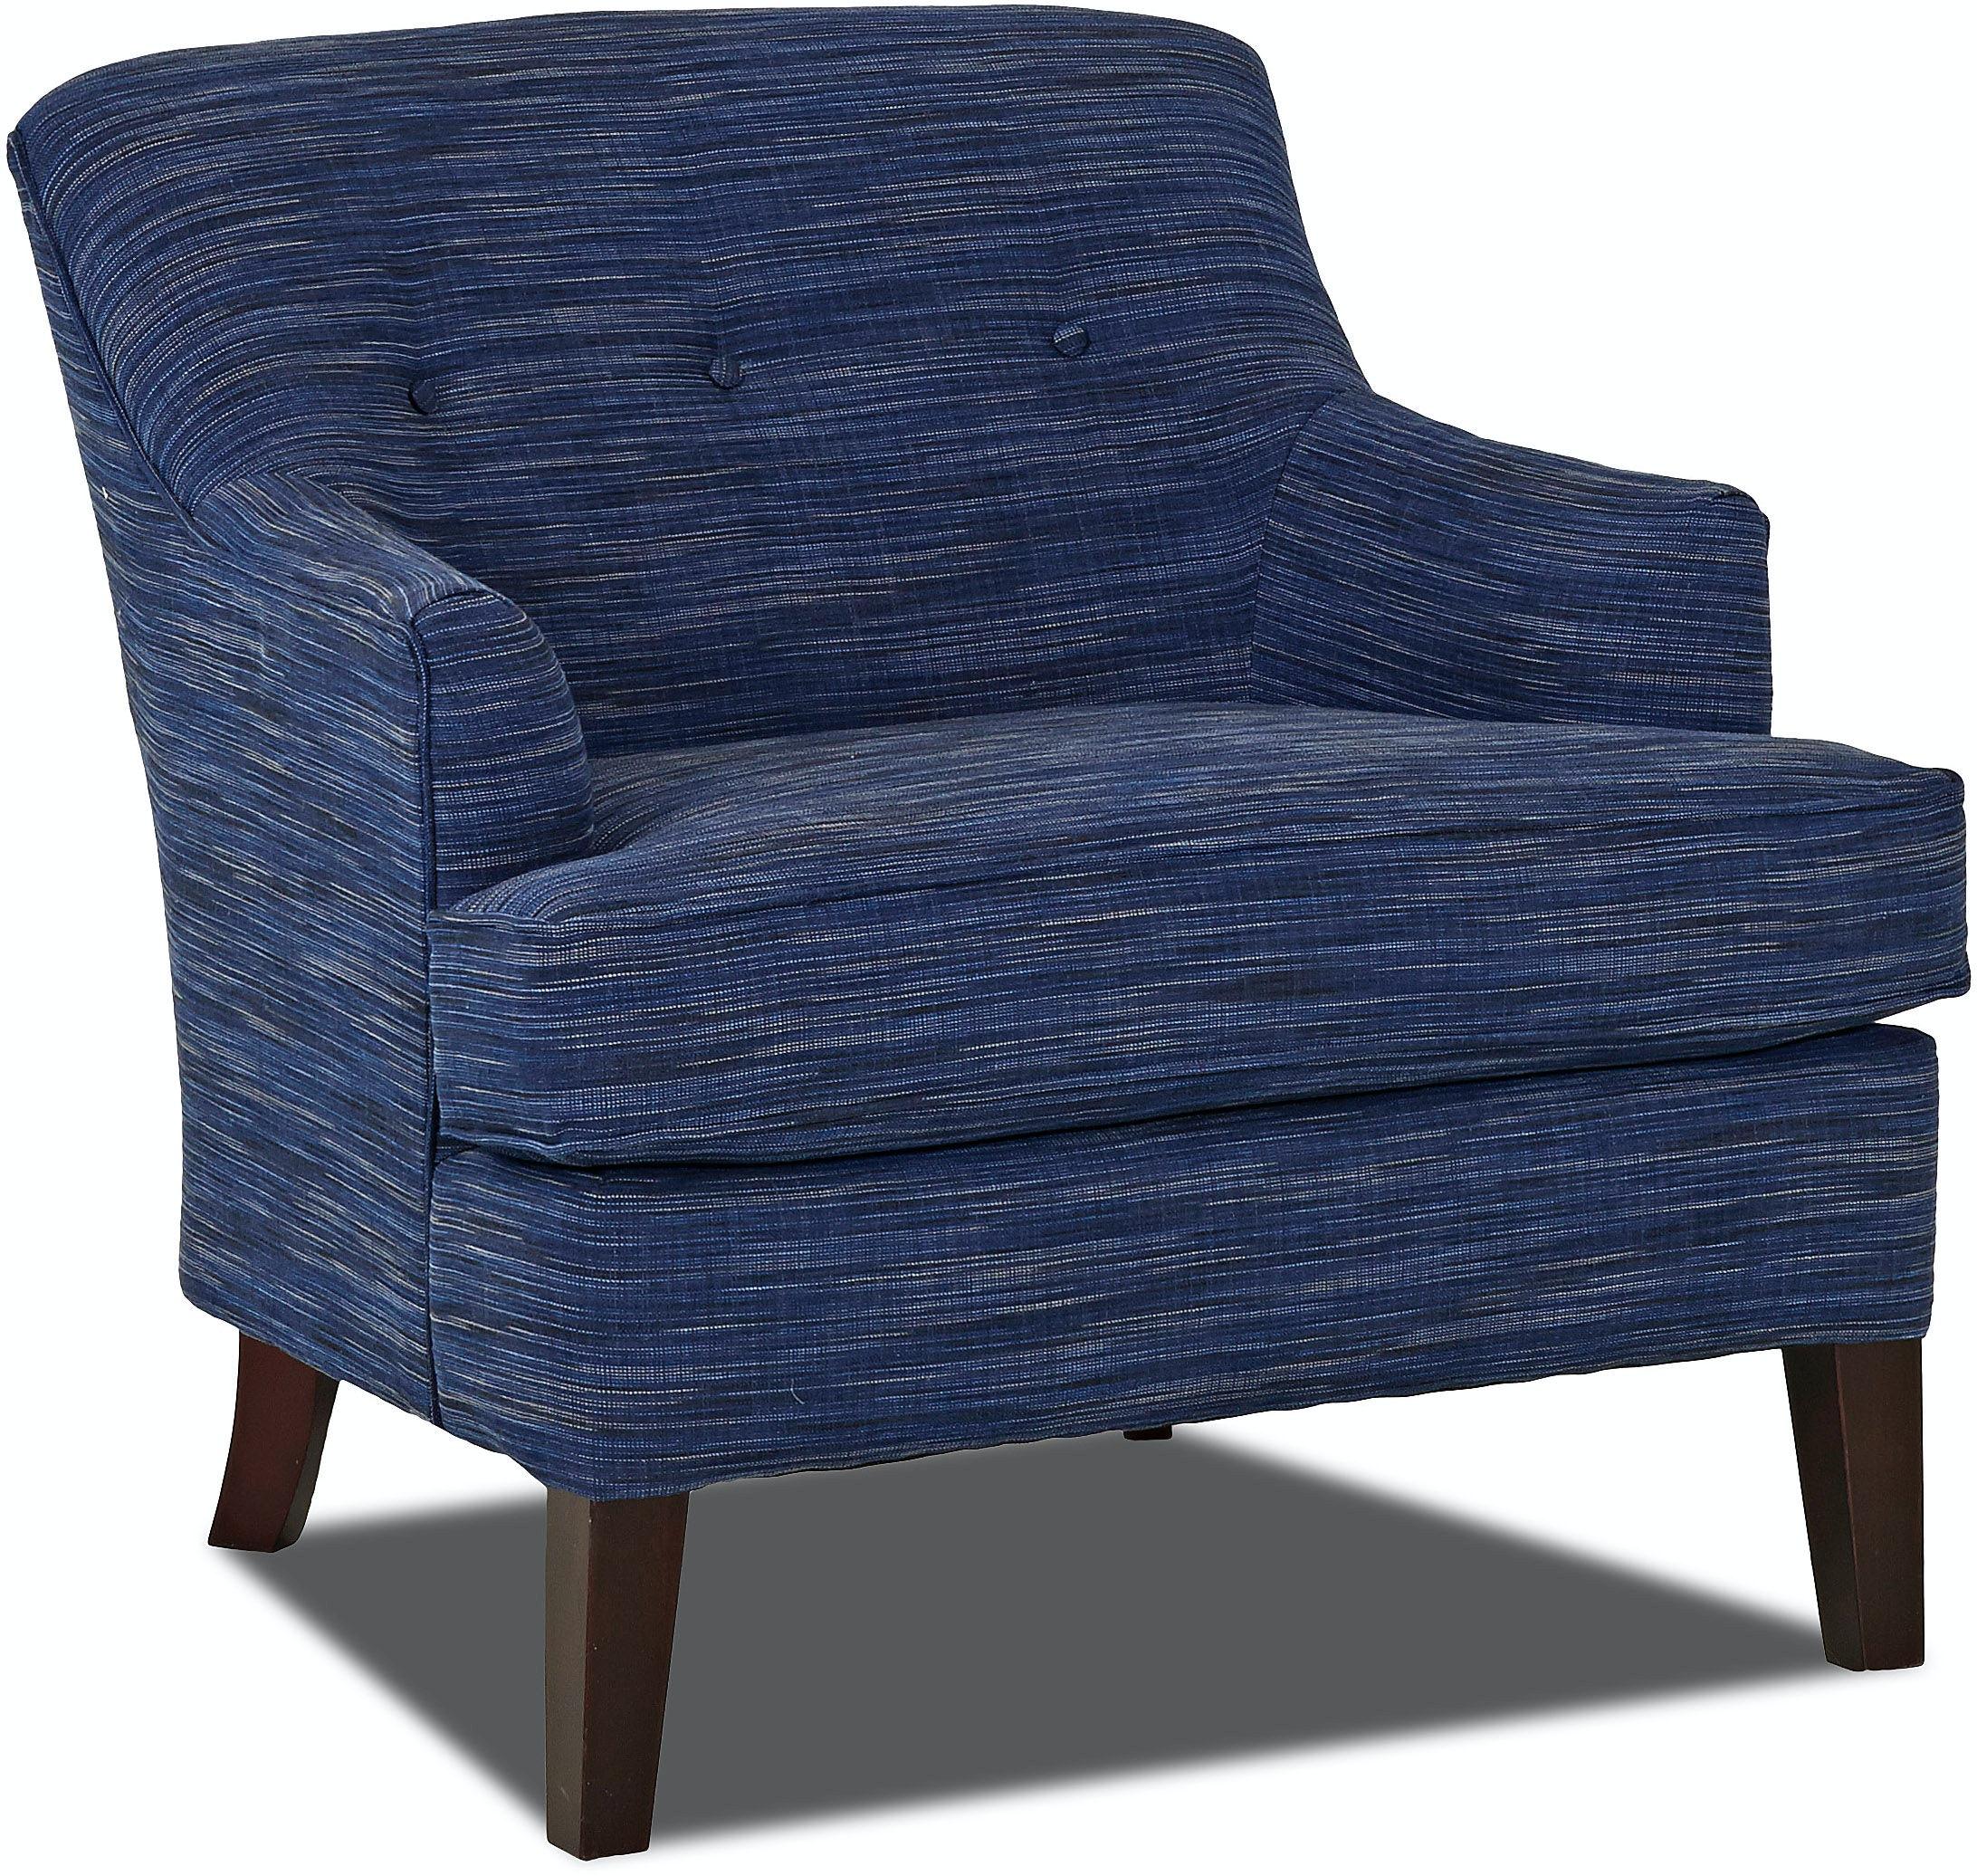 Trisha Yearwood Elizabeth Chair